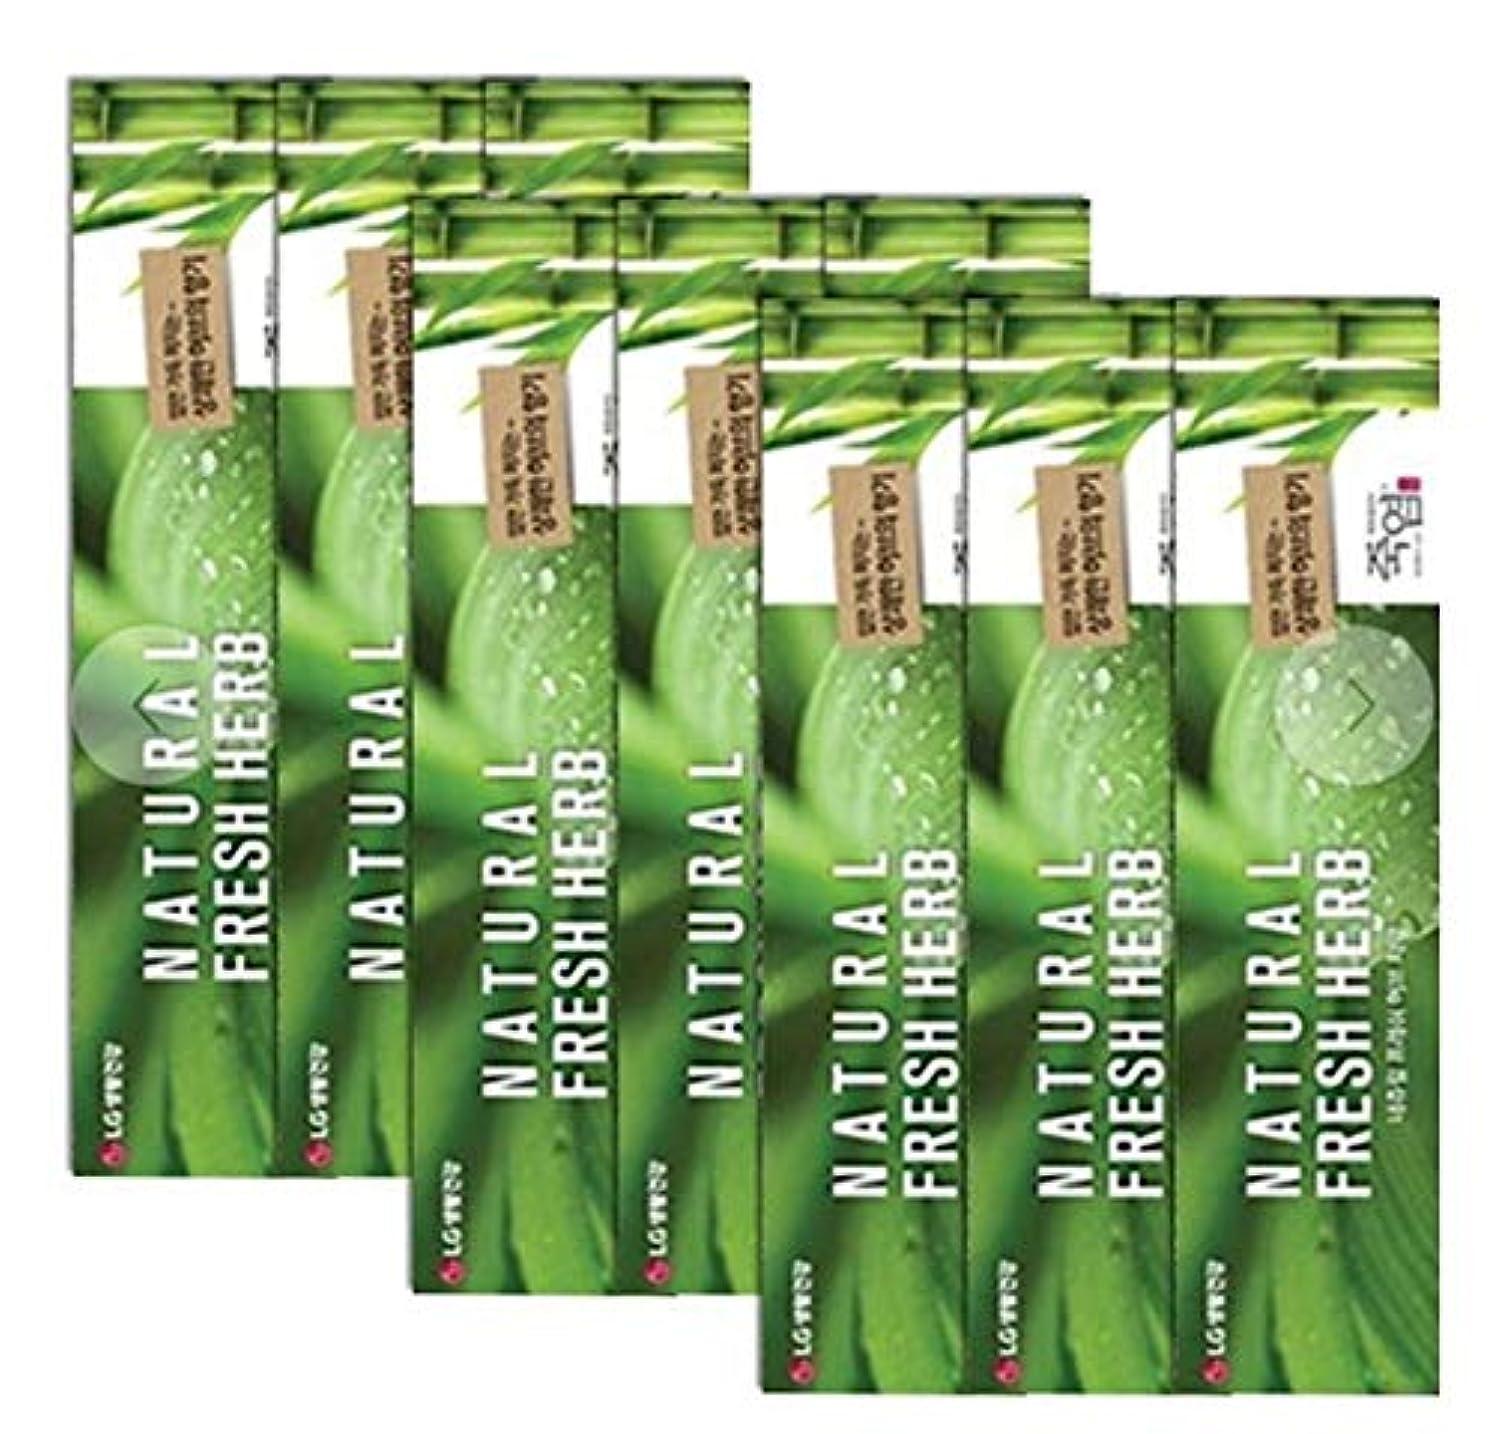 泥棒消すスイ[LG生活と健康] LG竹塩Natural Freshナチュラルフレッシュハブ歯磨き粉160g*9つの(海外直送品)